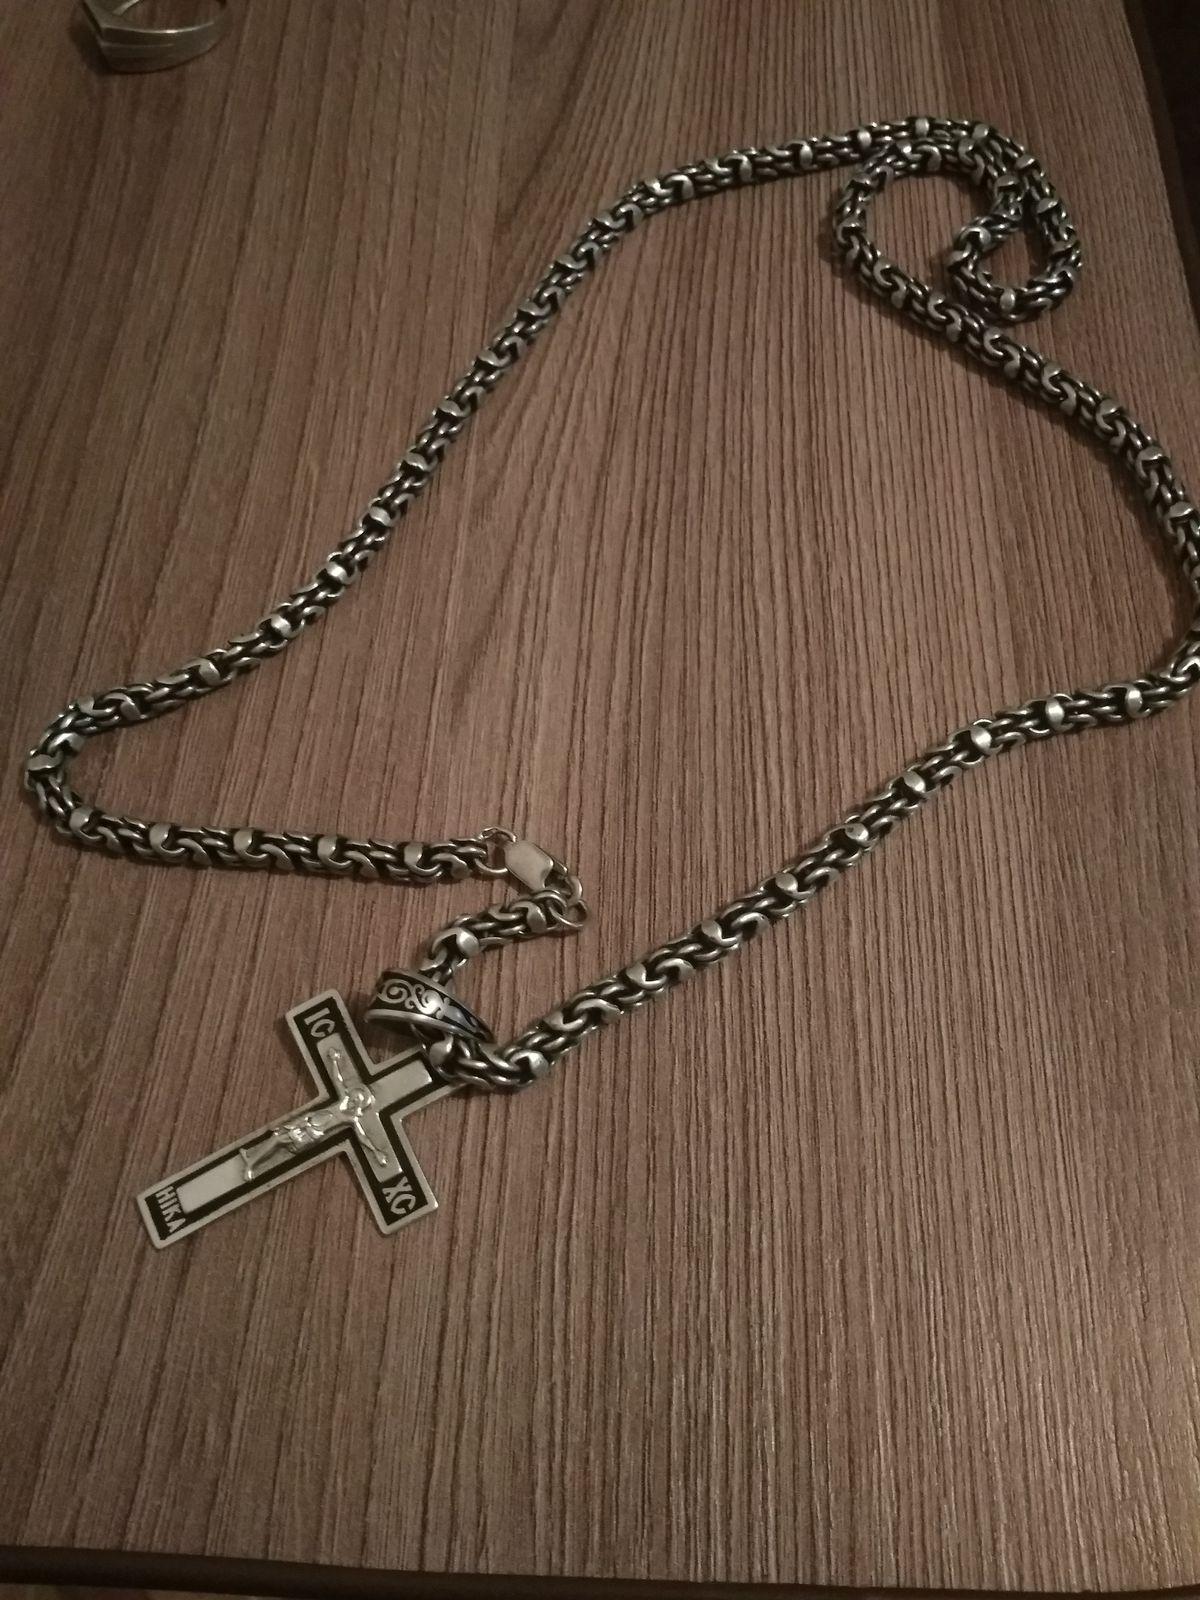 Цепь с крестом смотрится великолепно